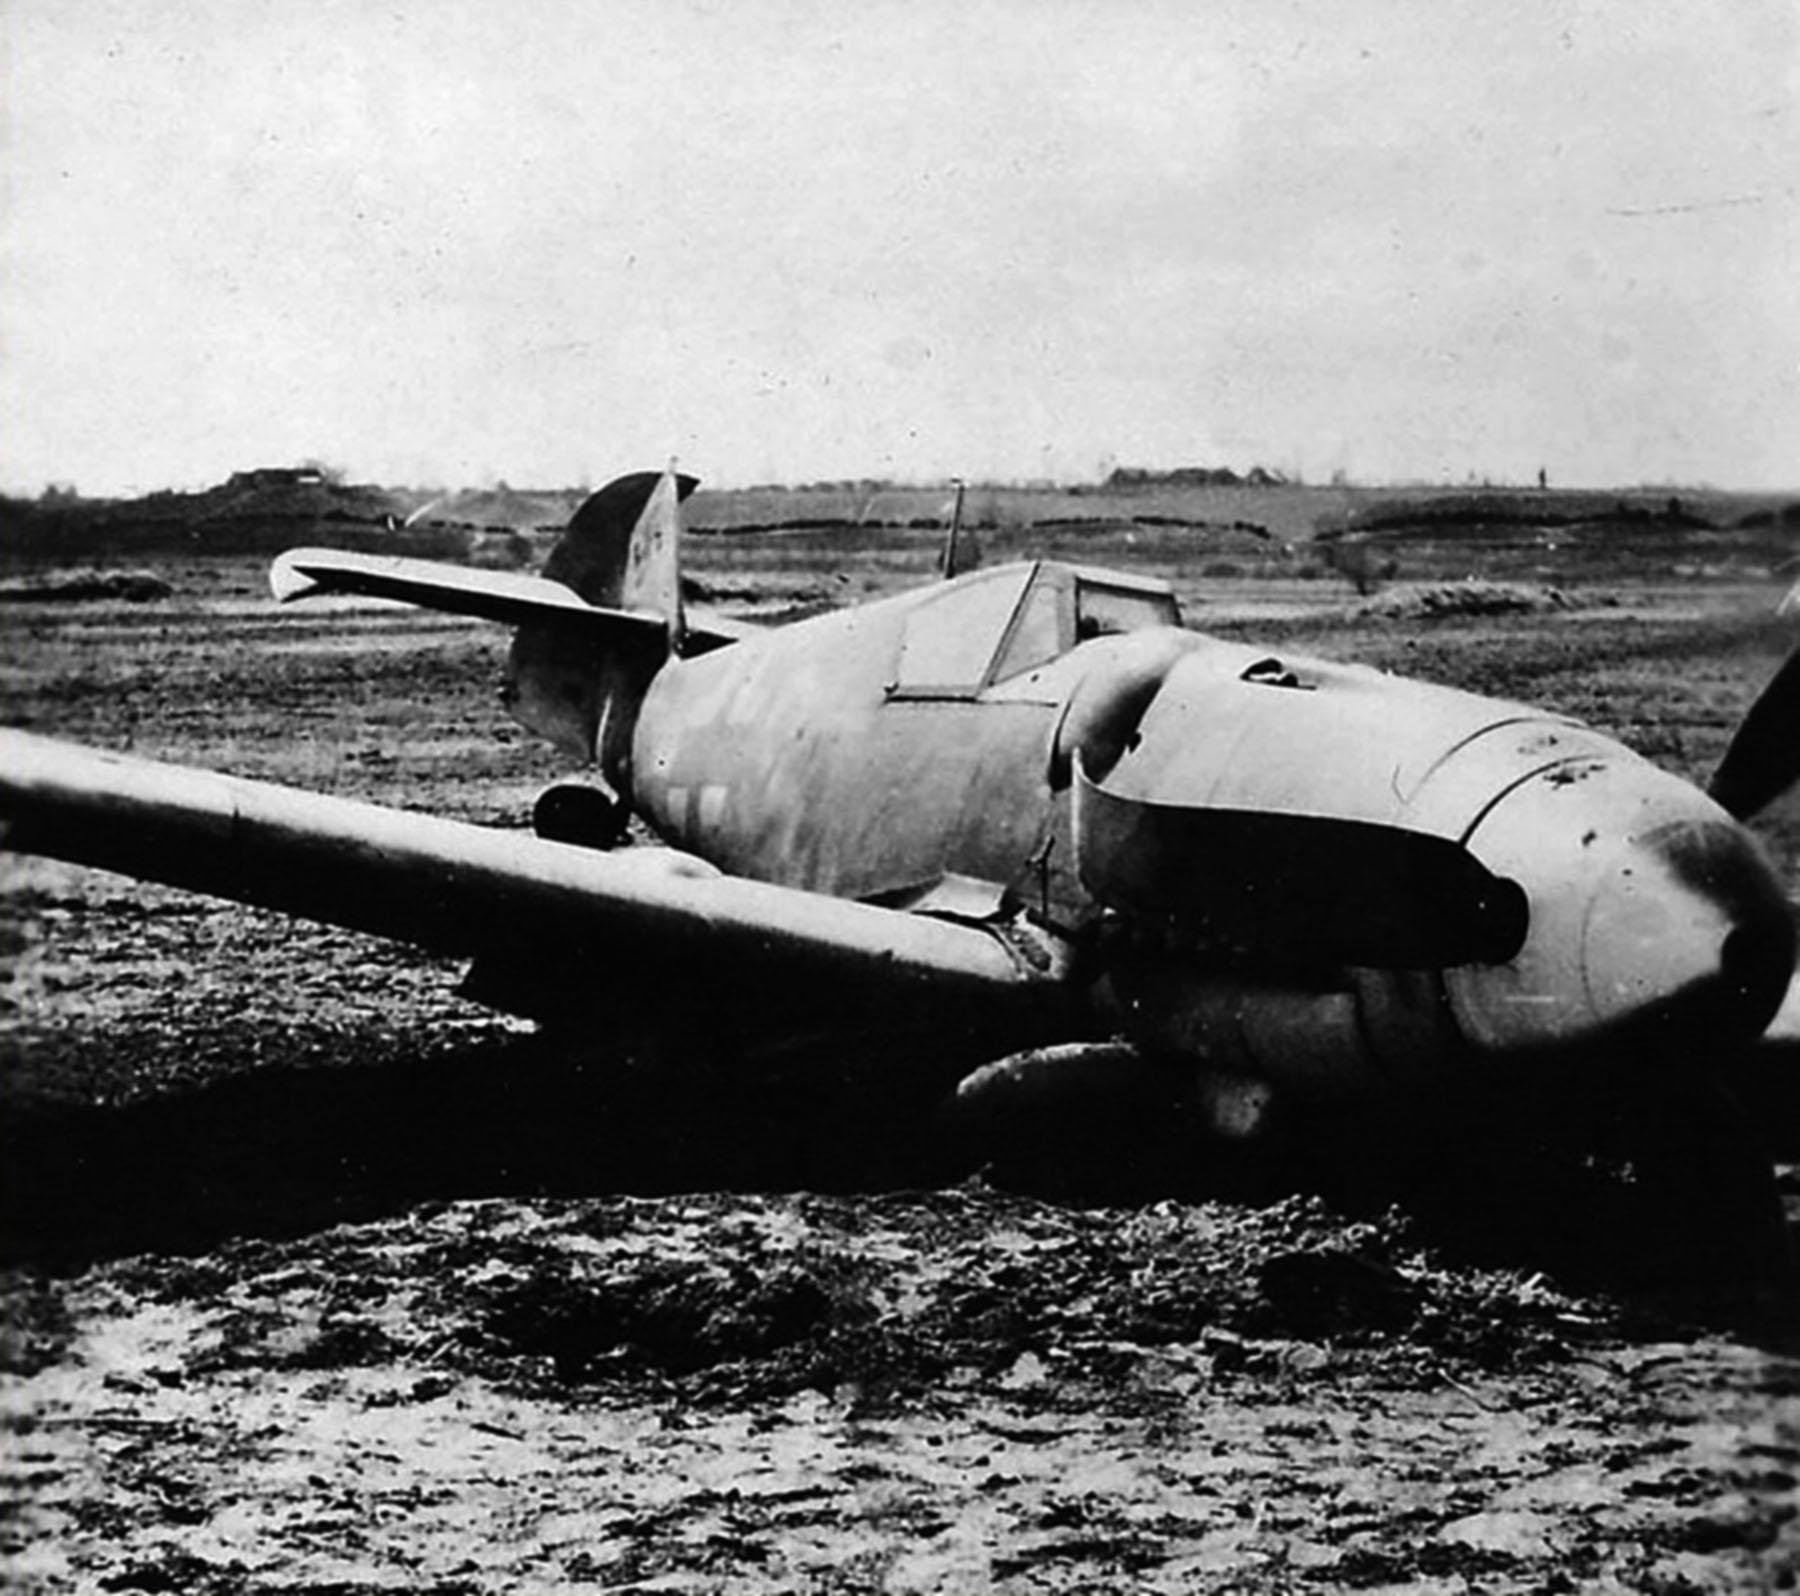 Messerschmitt Bf 109G6 Erla Reichsverteidigung Yellow 3 after a landing mishap unknown unit 01